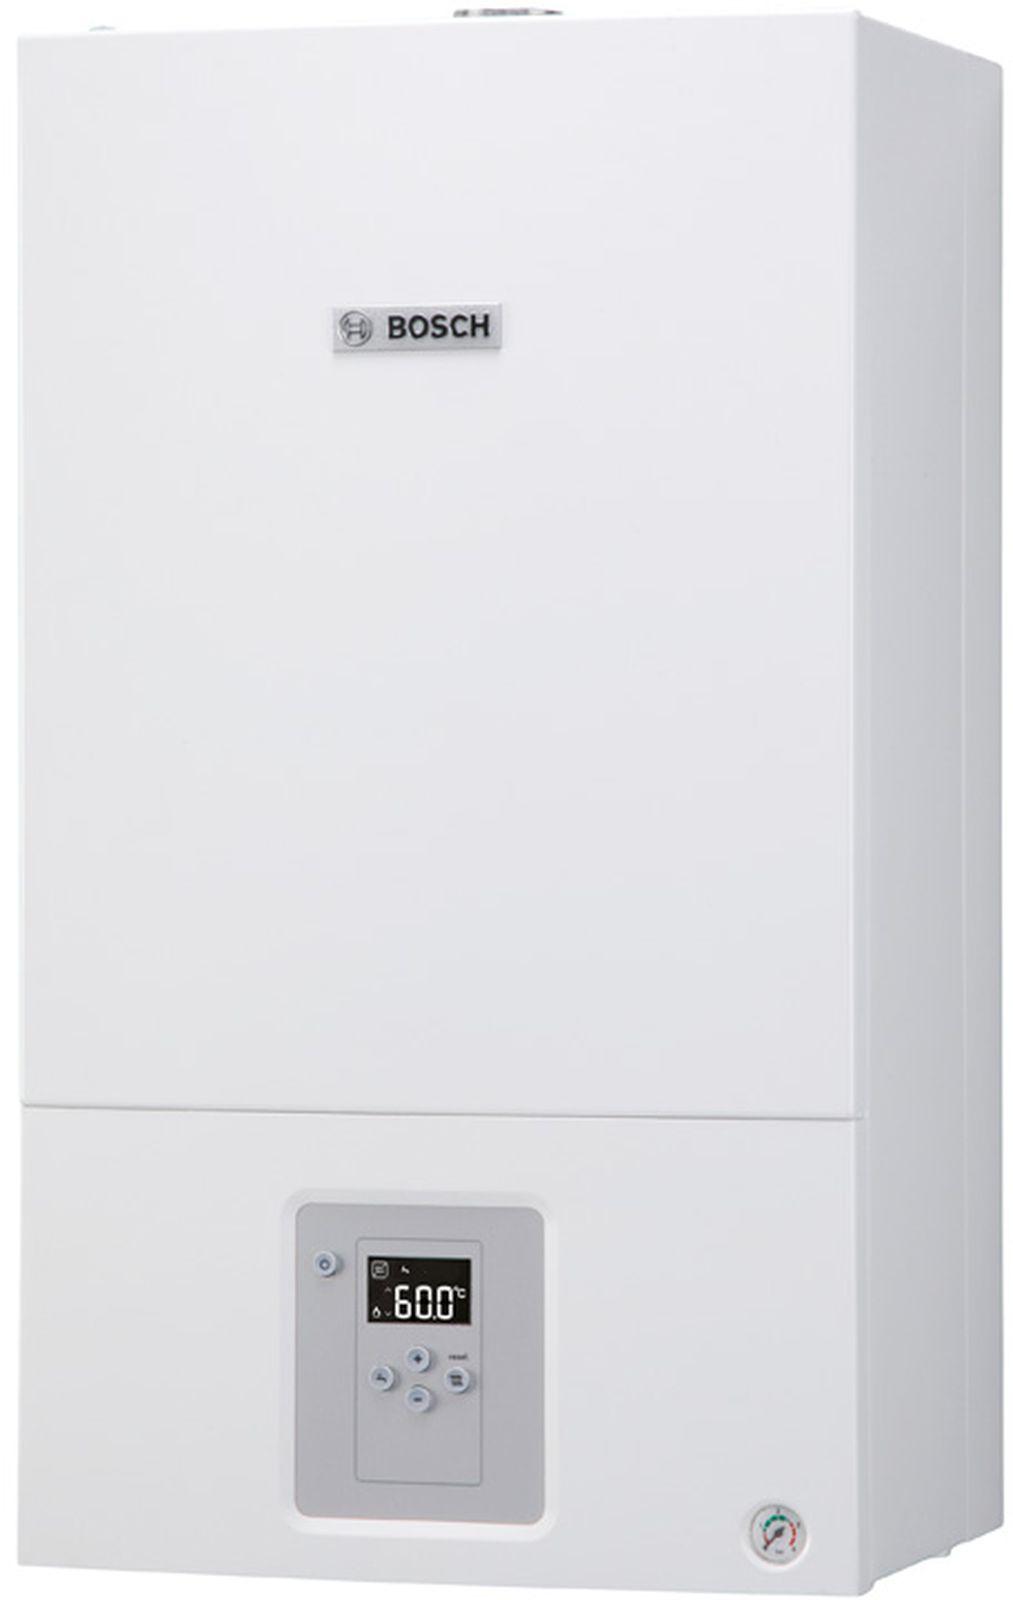 цена на Котел газовый настенный Bosch WBN6000-18C, белый